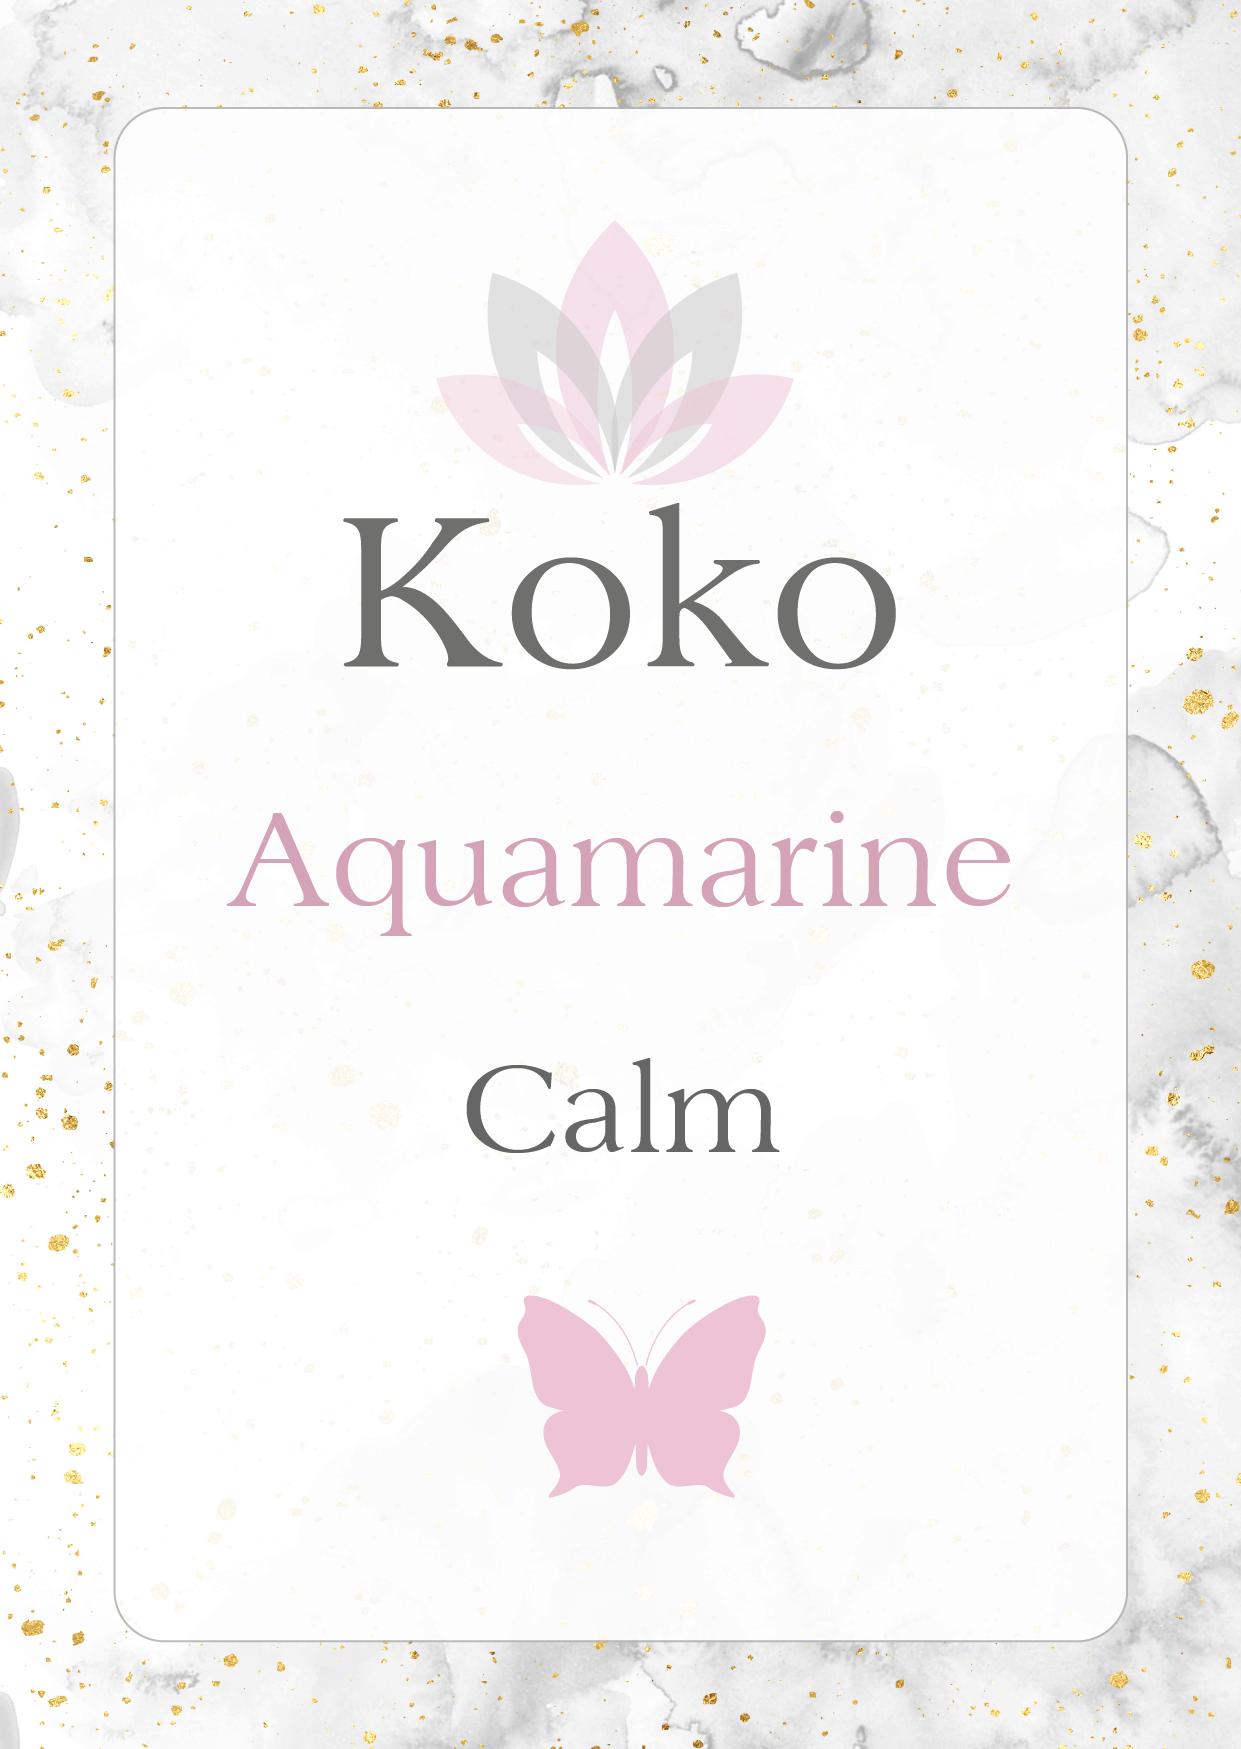 Aquamarine Gemstone meaning calm